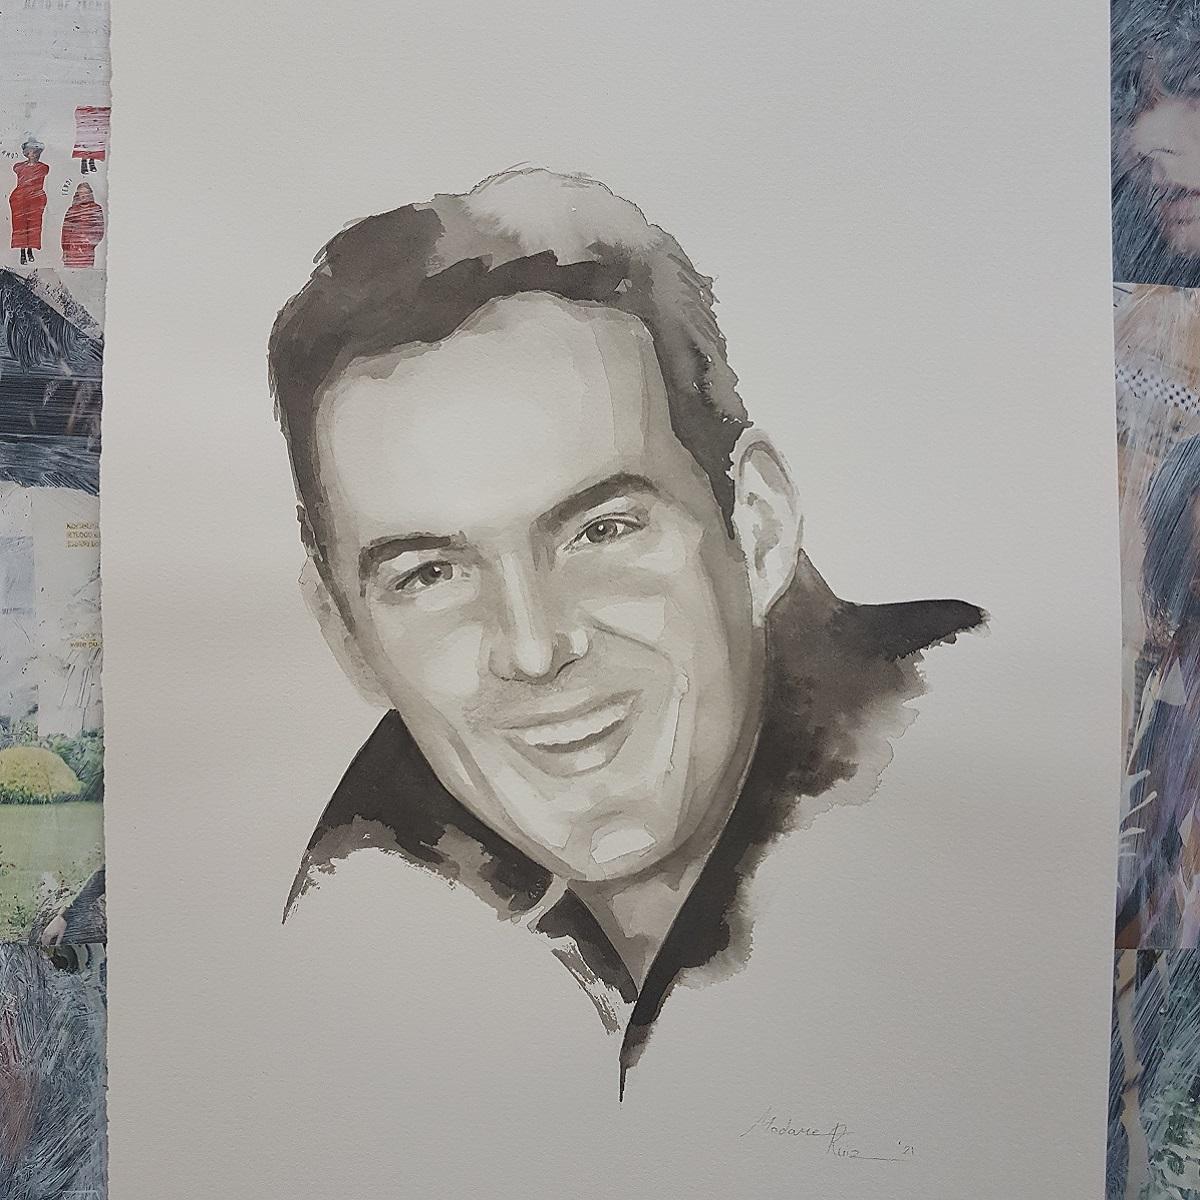 herinneringsportret portret kunst inkt portret inktportret geffen vtwonen kunstenares schilderij 2